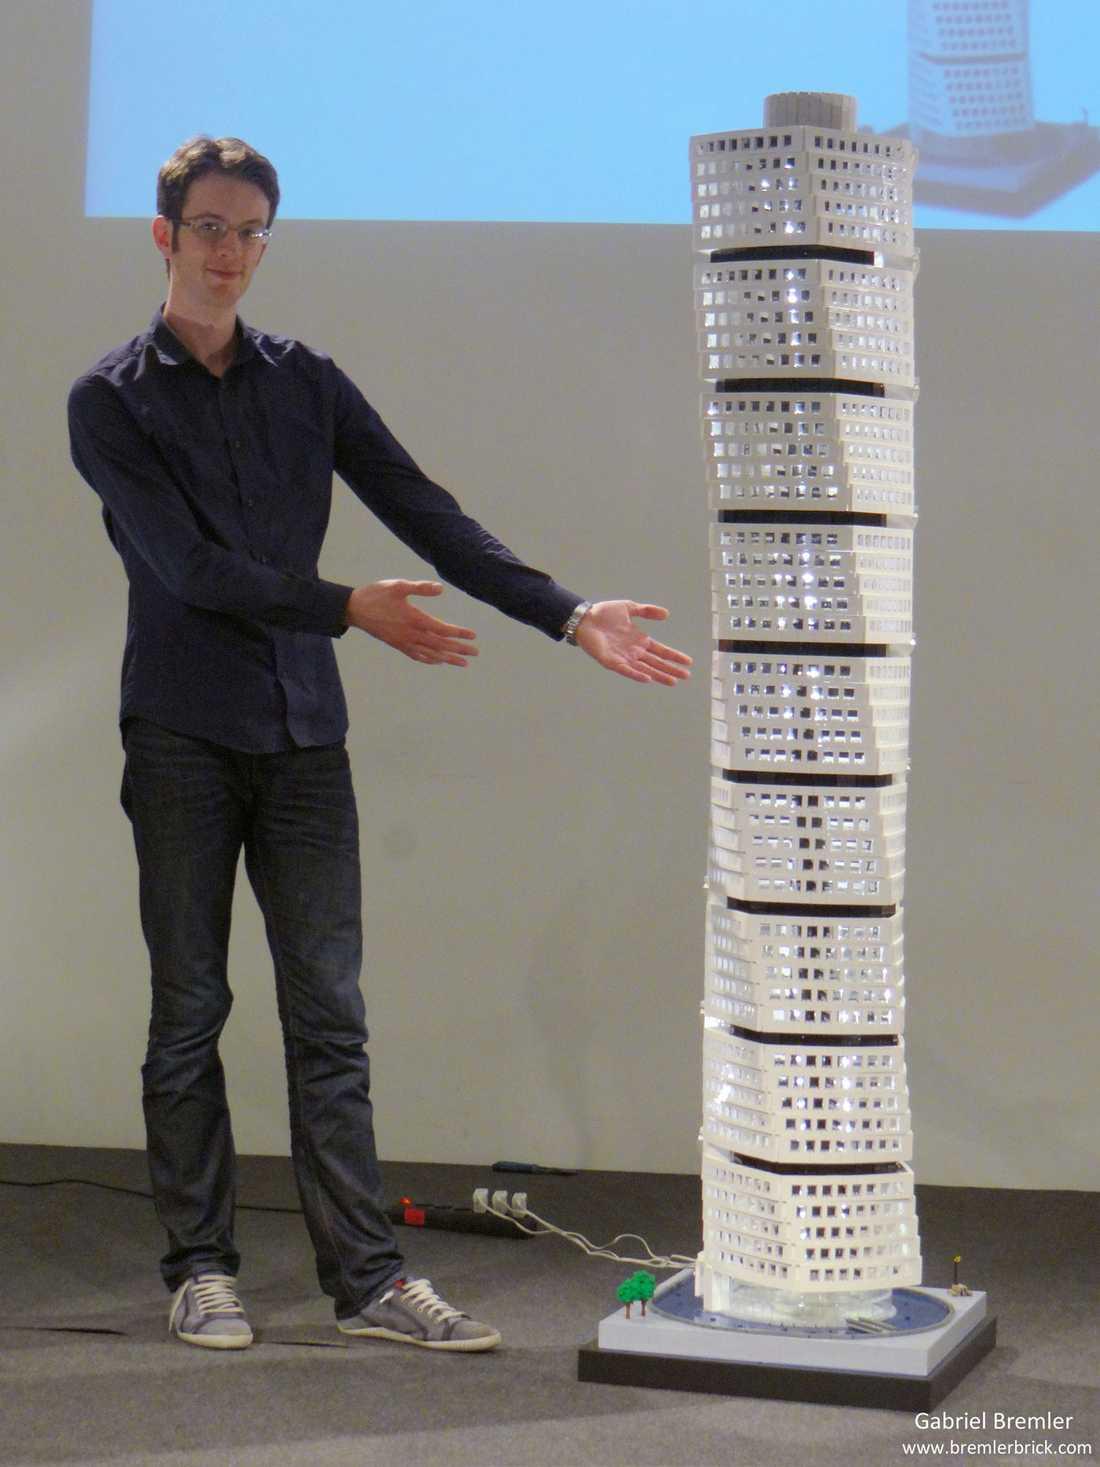 Turning Torso – den 190 centimeter höga modellen har Gabriel Bremler byggt på uppdrag av NCC, byggentreprenören som står bakom skyskrapan Turning Torso i Malmö. Modellen såldes på auktion för 60 000 kronor och pengarna gick till BRIS, Barnens rätt i samhället.